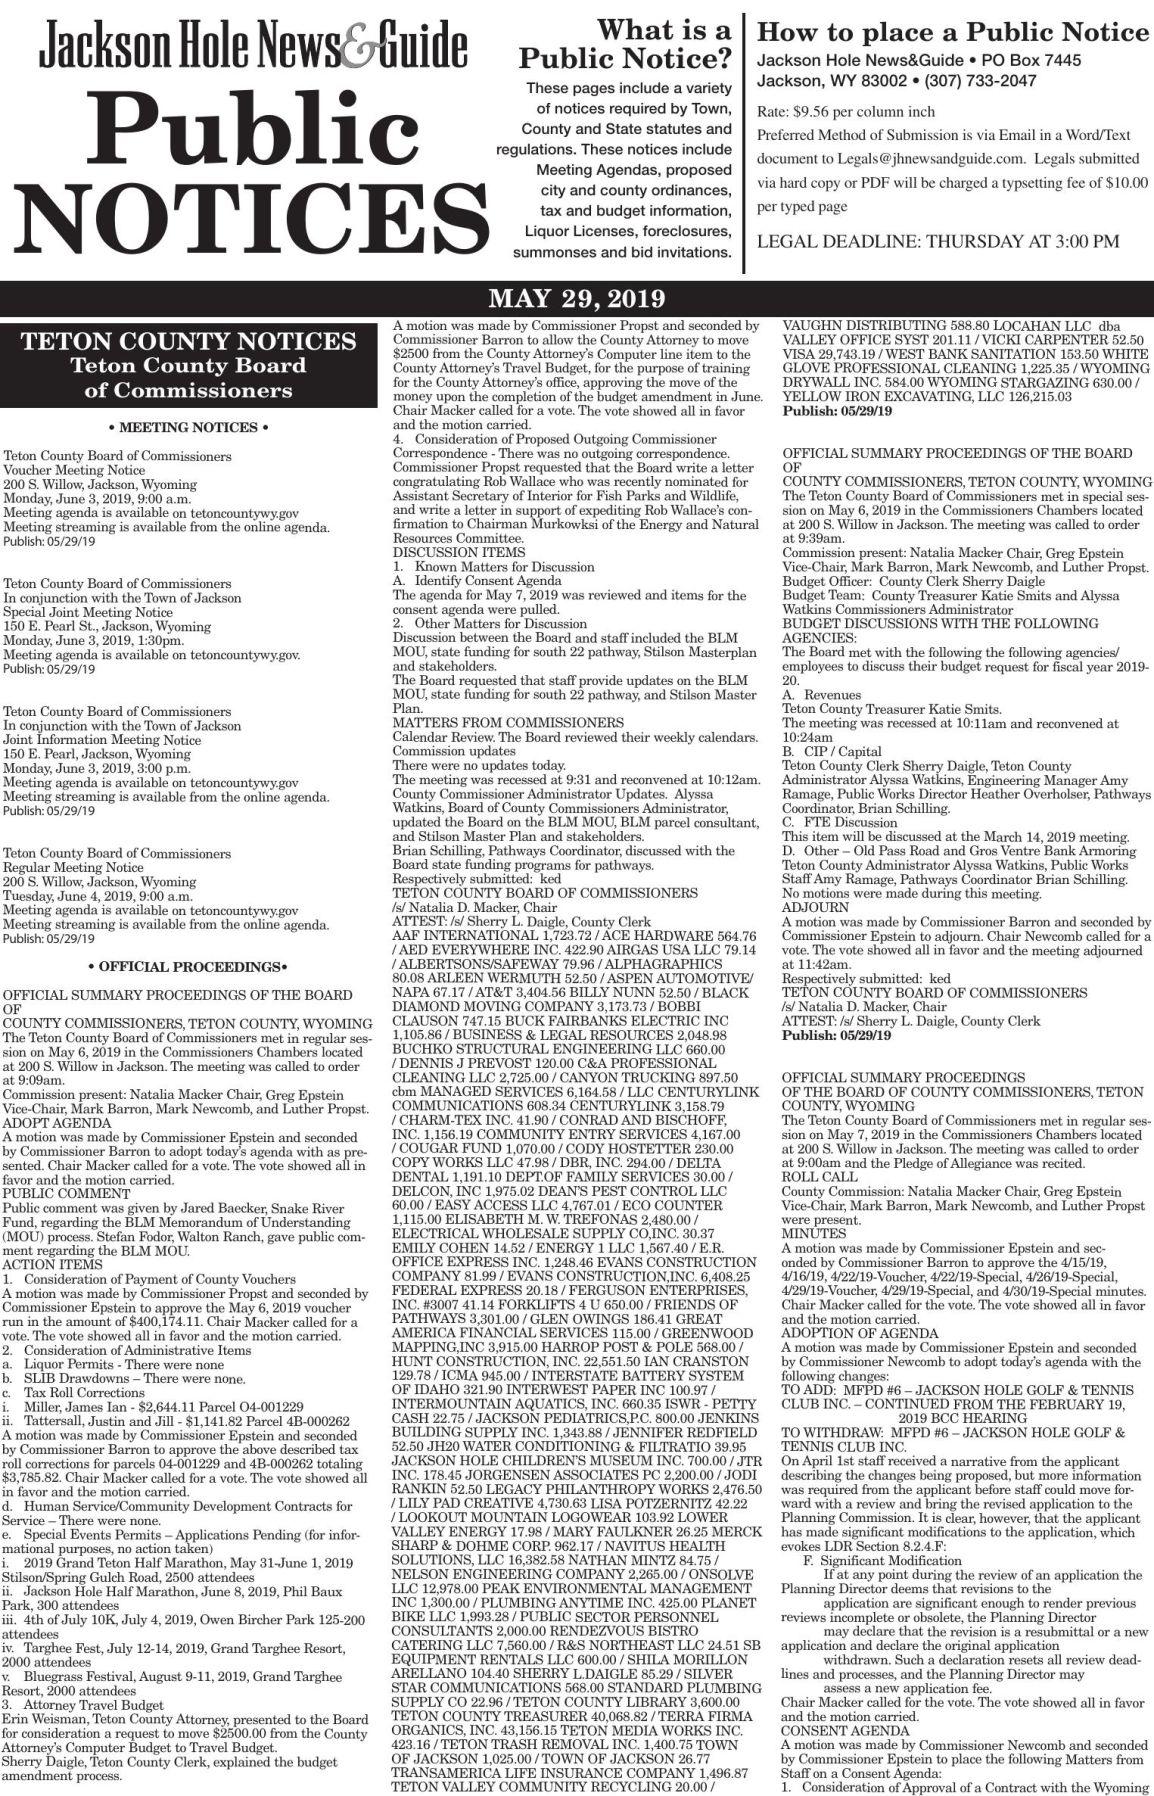 Public Notices, May 29, 2019